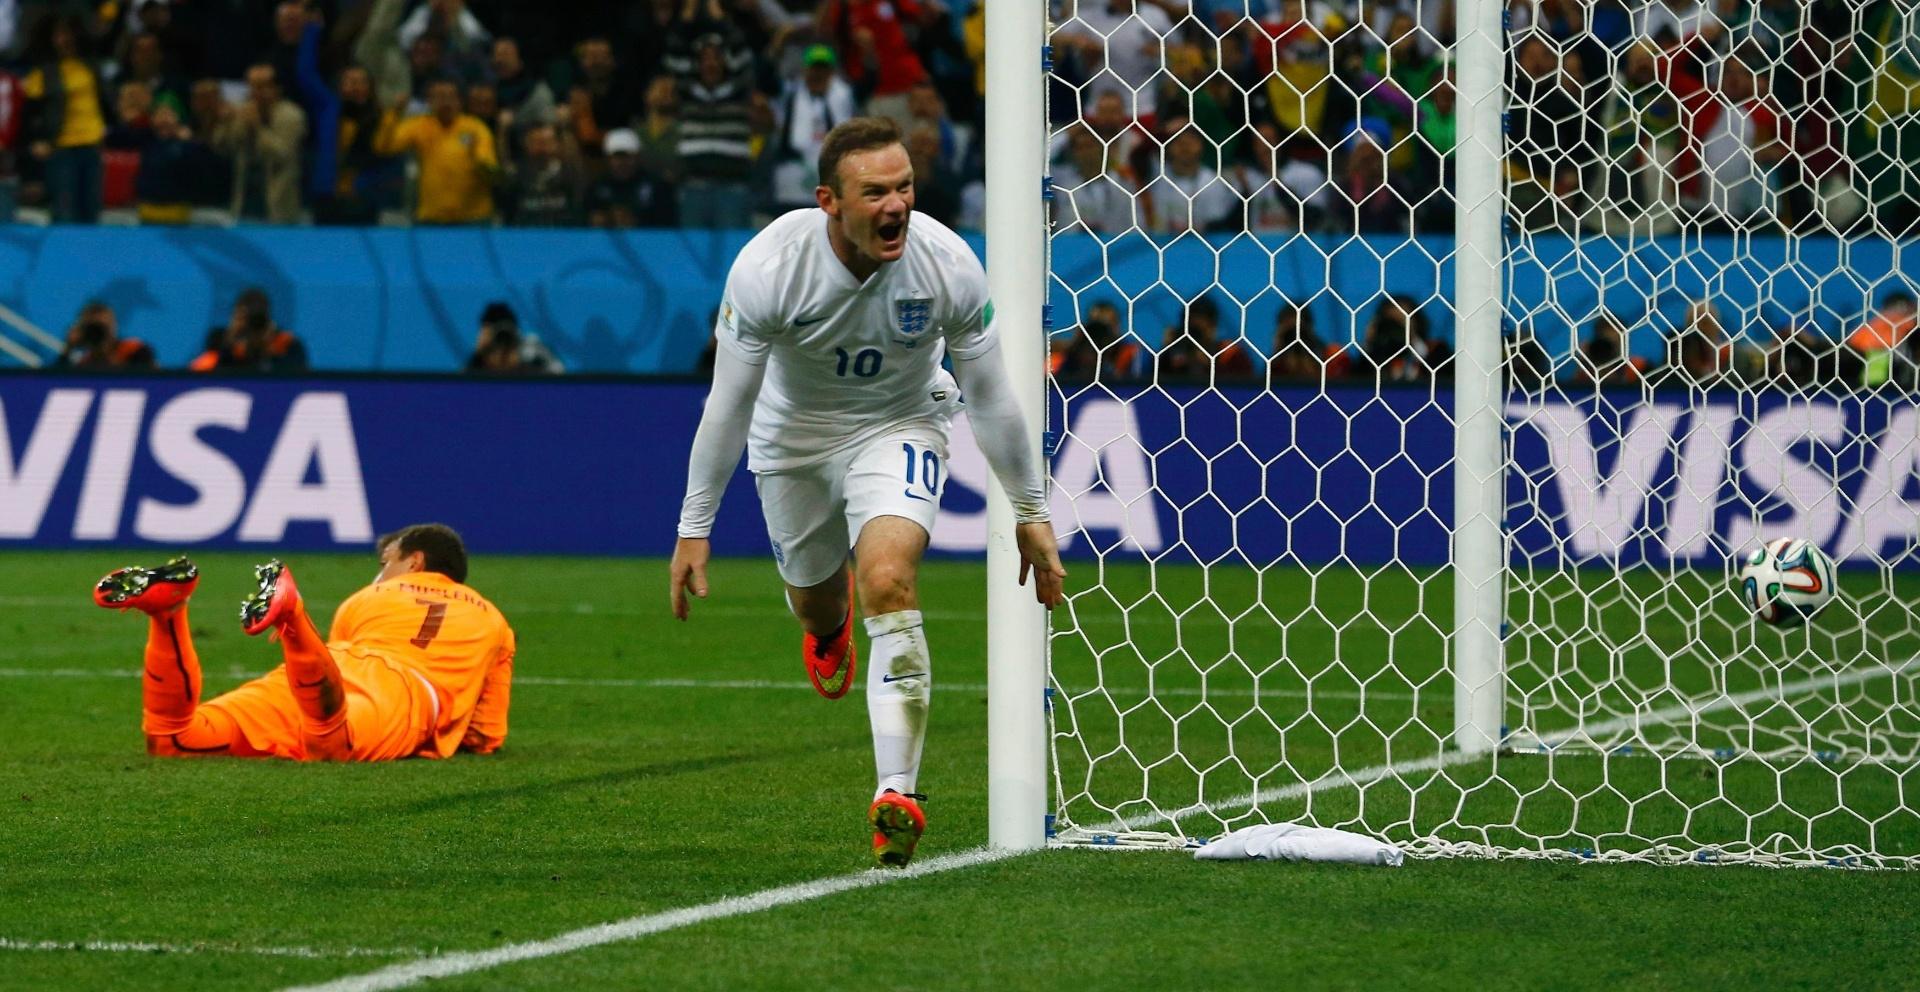 19.jun.2014 - Rooney comemora após marcar o gol de empate da Inglaterra, mas Suárez marcou em seguida e deu a vitória para o Uruguai por 2 a 1